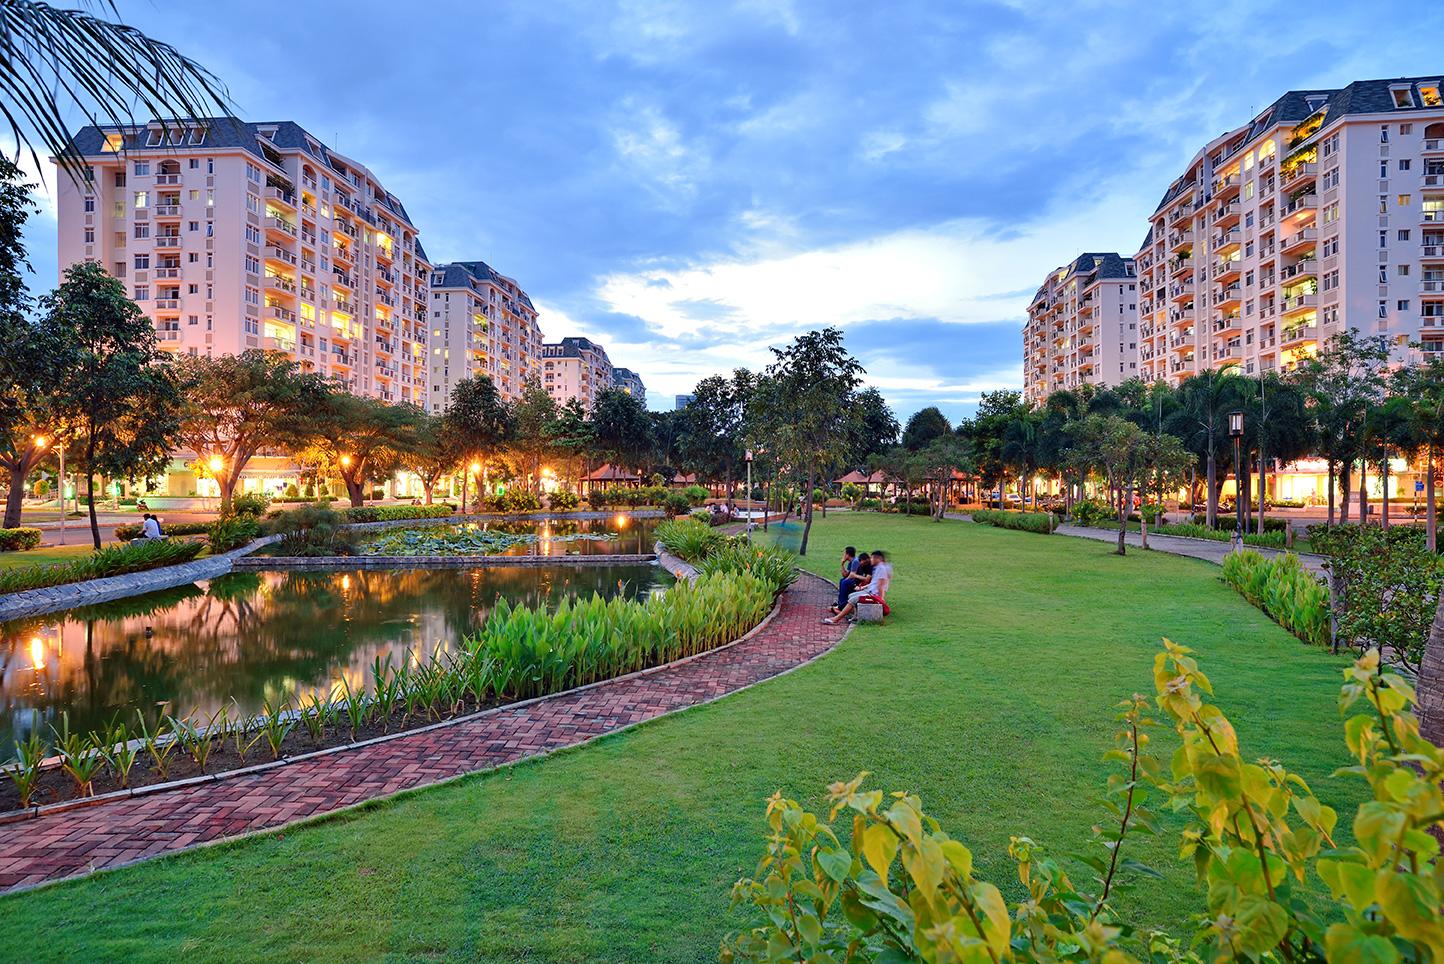 The long park at The Southside District - 5 cụm đô thị do Phú Mỹ Hưng phát triển